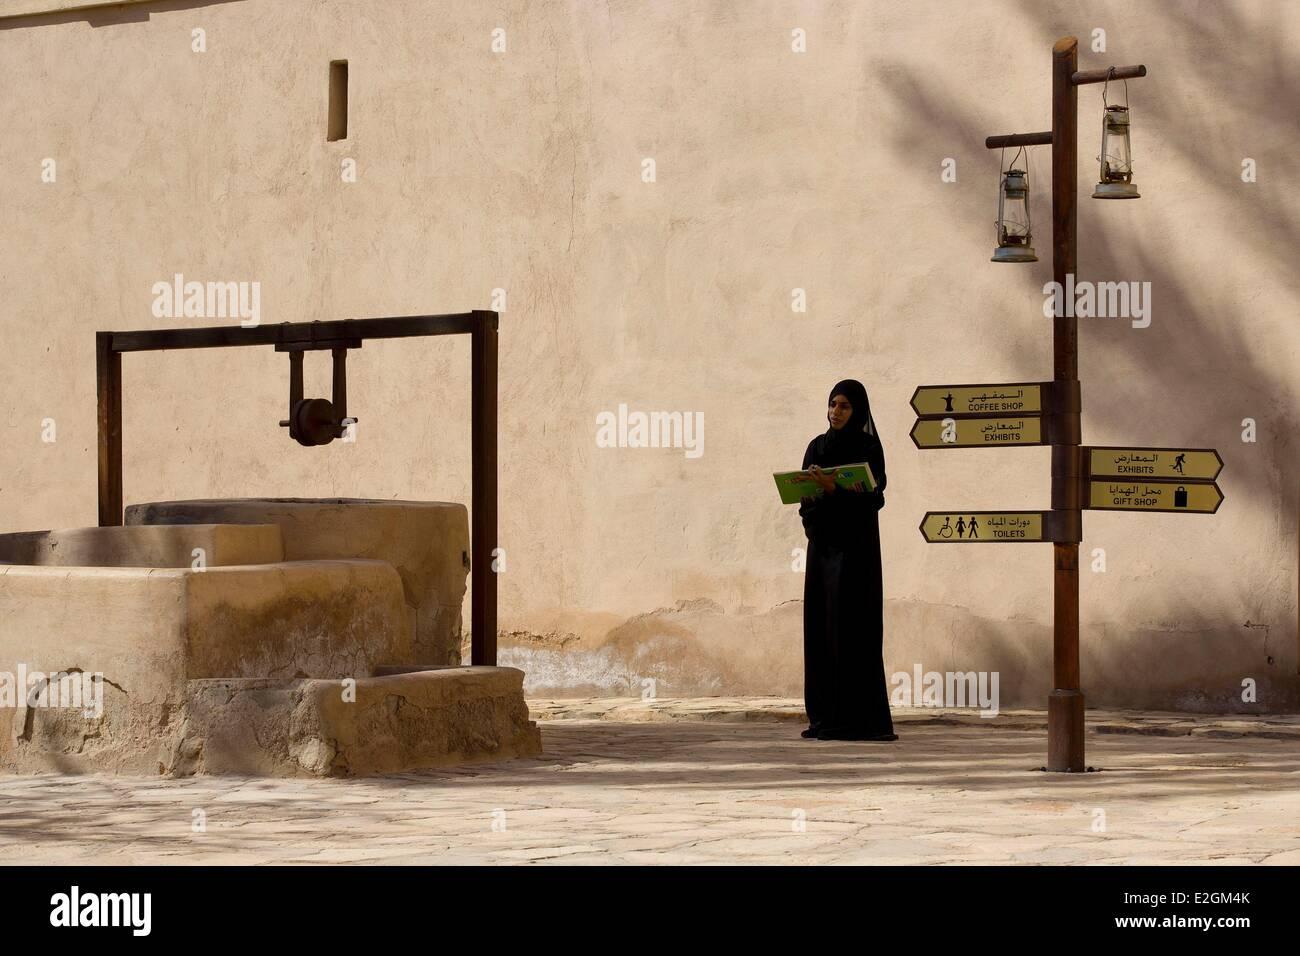 Sultanato de Omán Ad Dakhiliyah región occidental de las montañas Hajar Nizwa fort Imagen De Stock